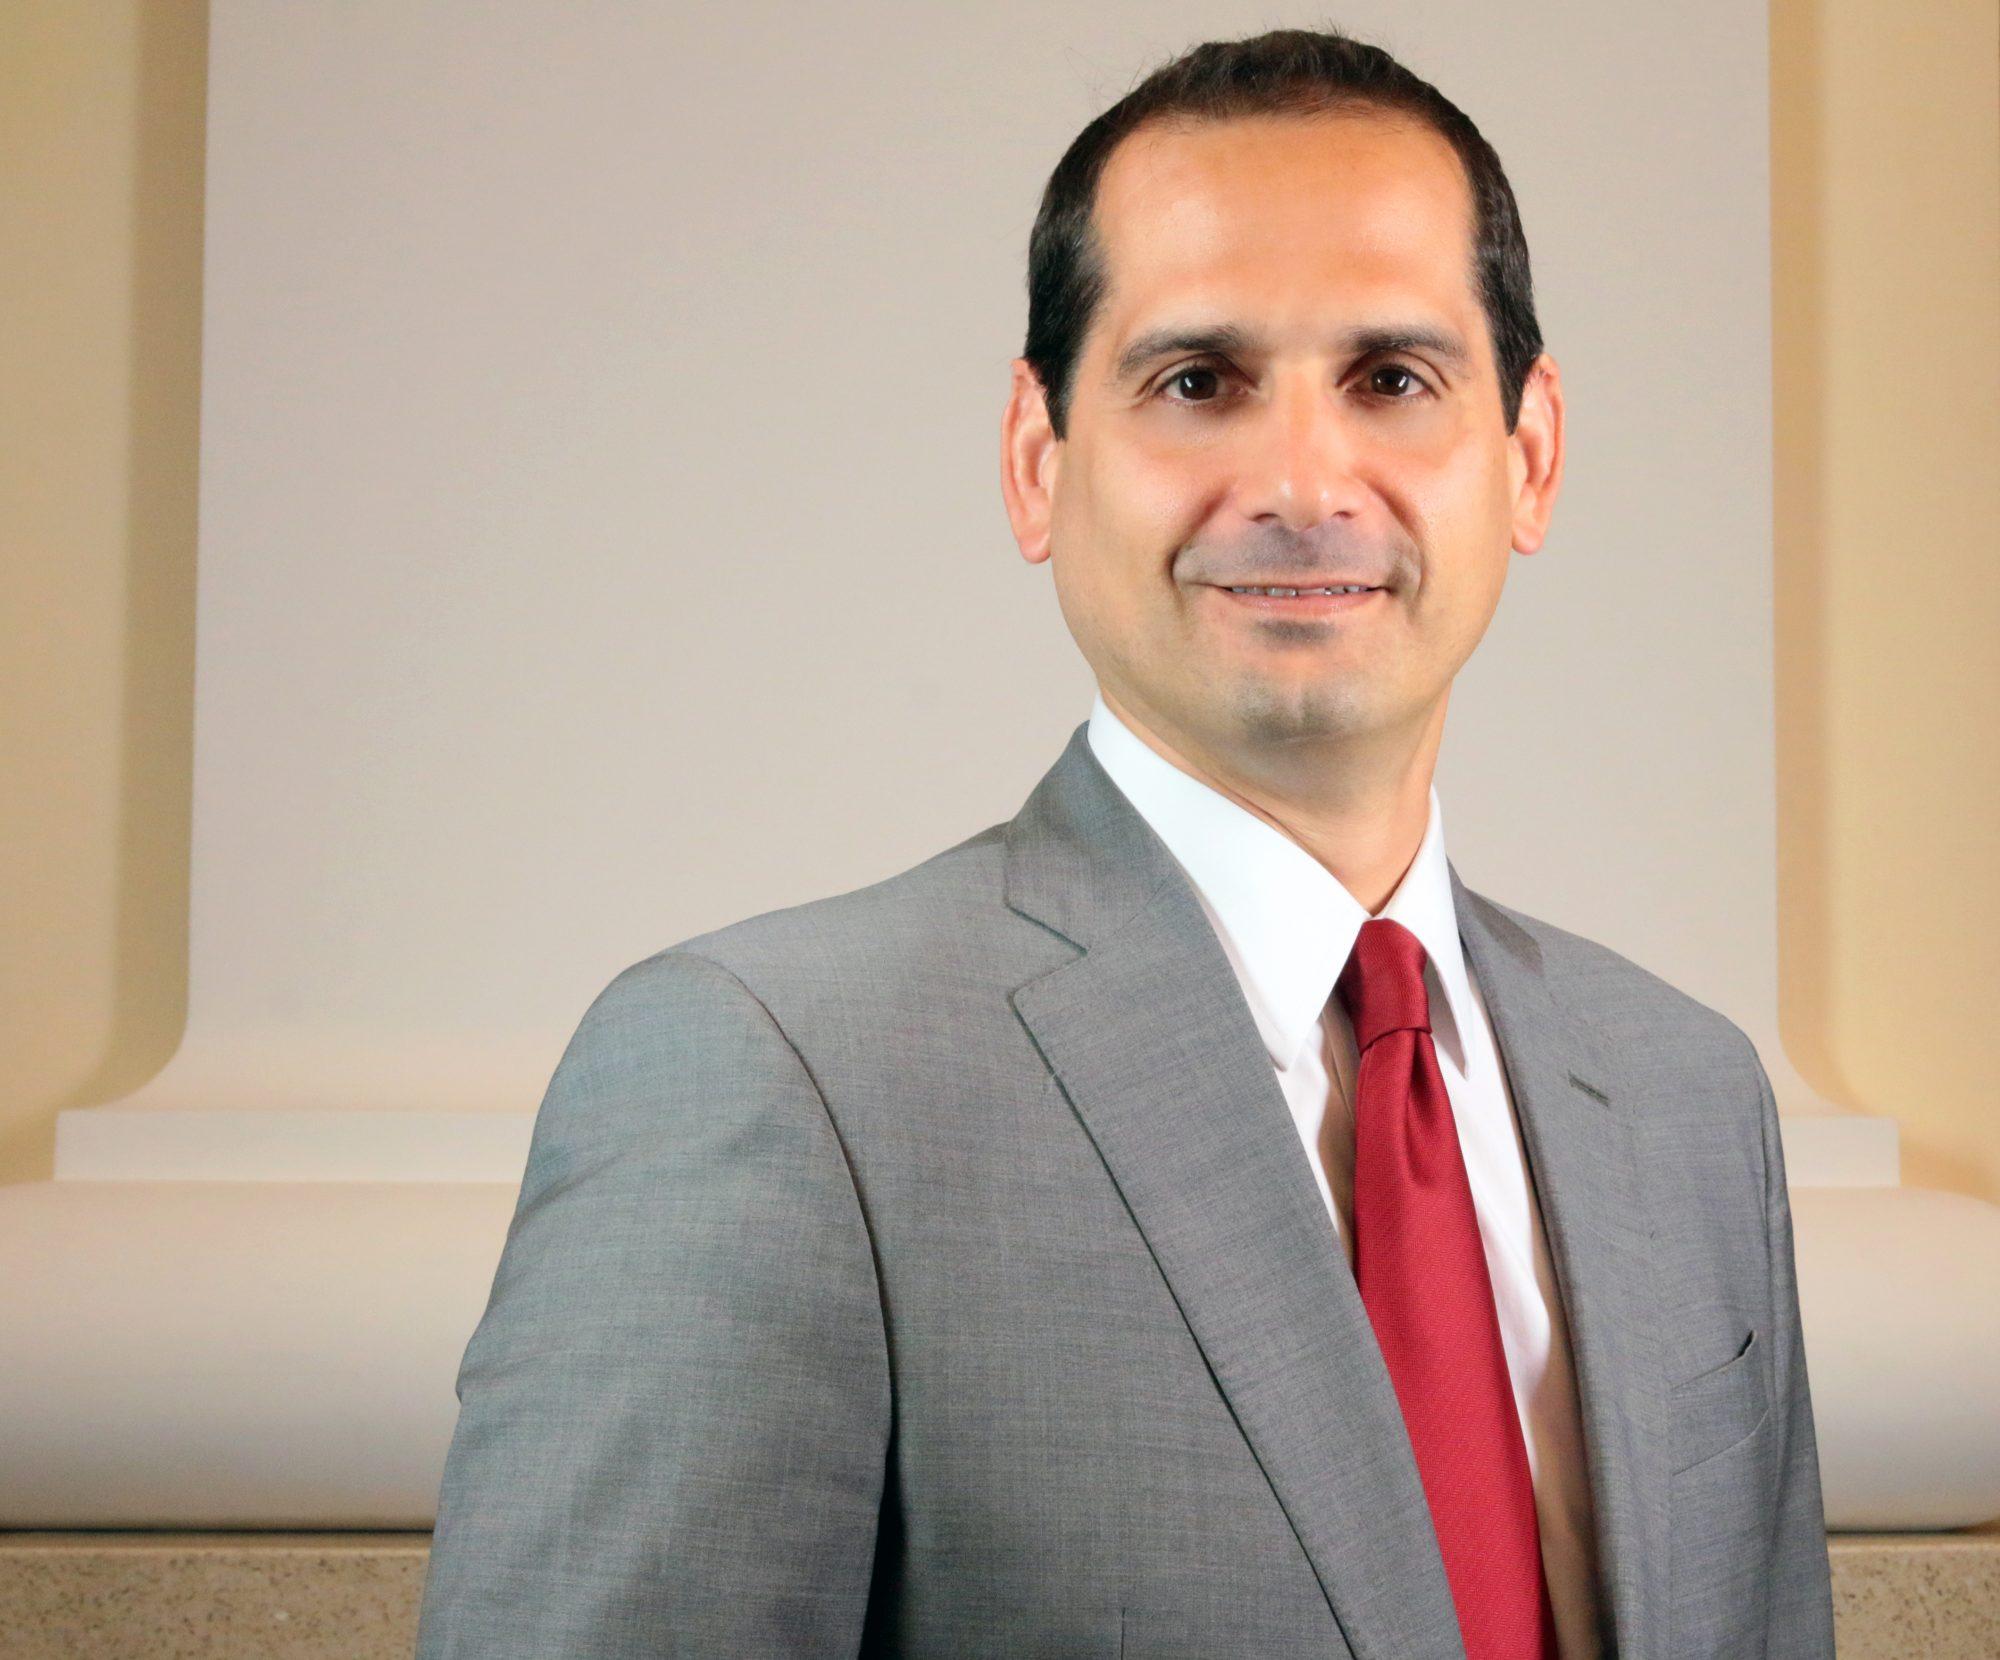 Rick Ammirato